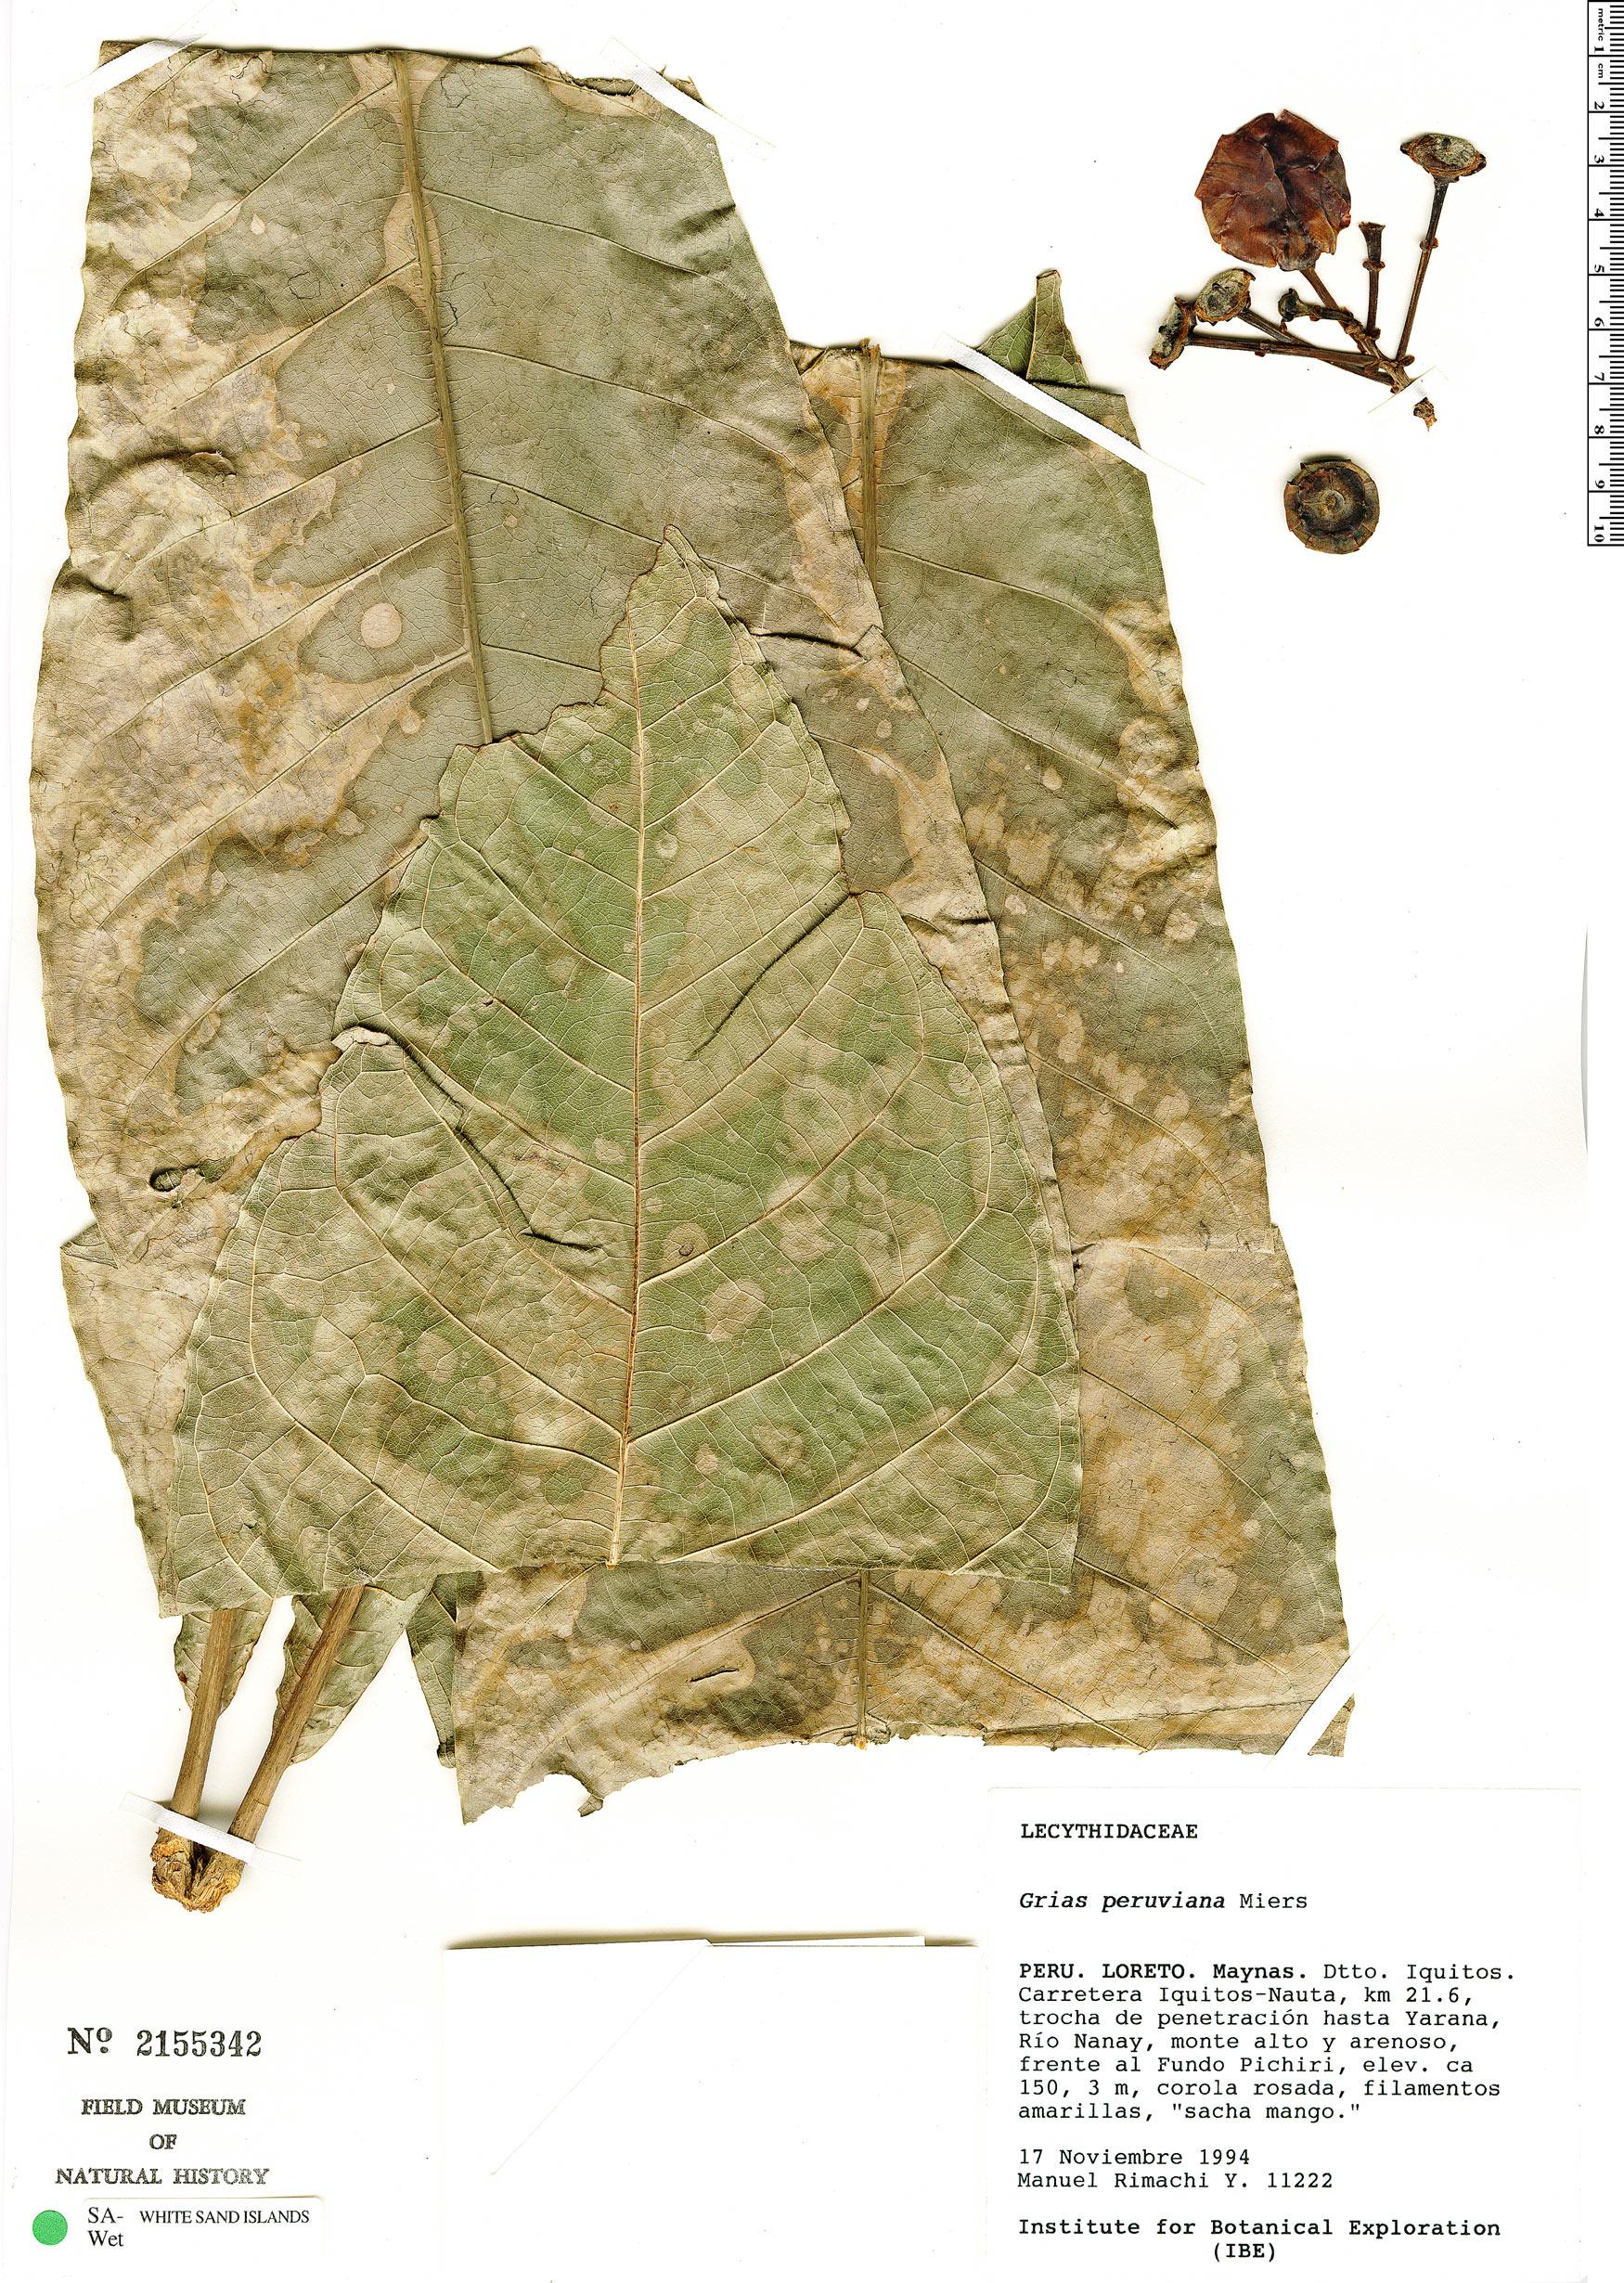 Specimen: Grias peruviana